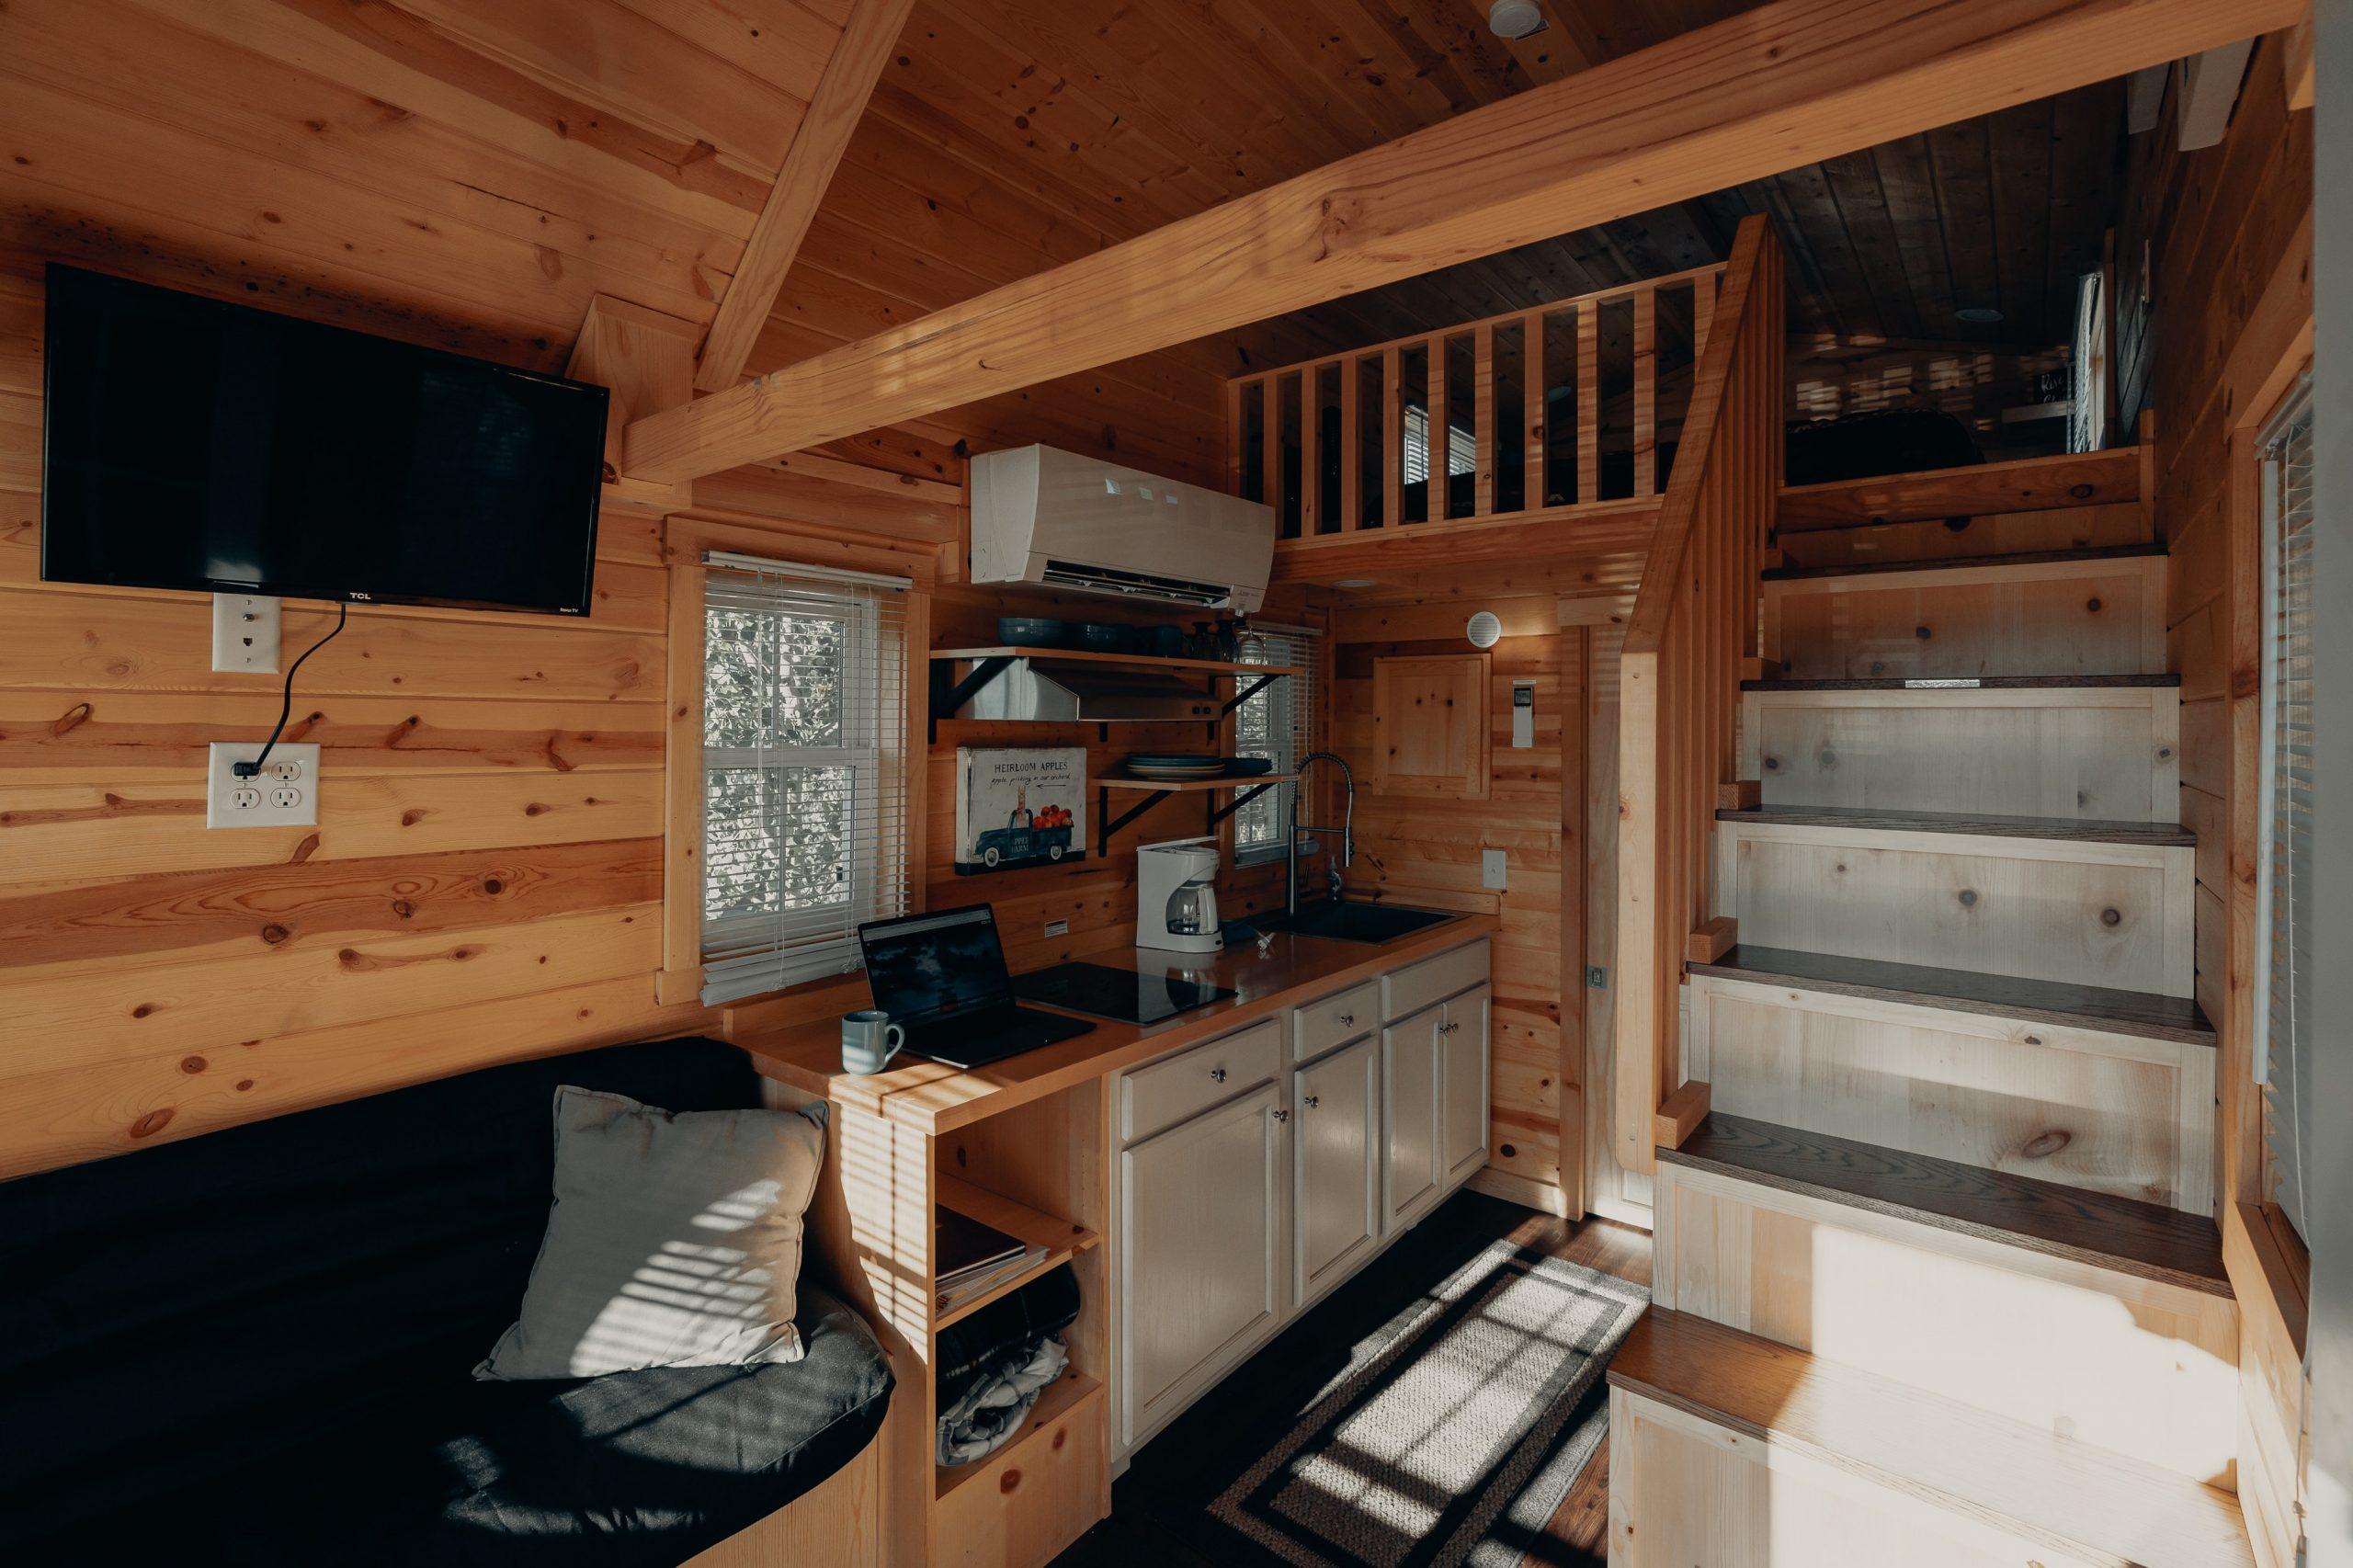 Interior Rumah Mungil dengan Elemen Kayu